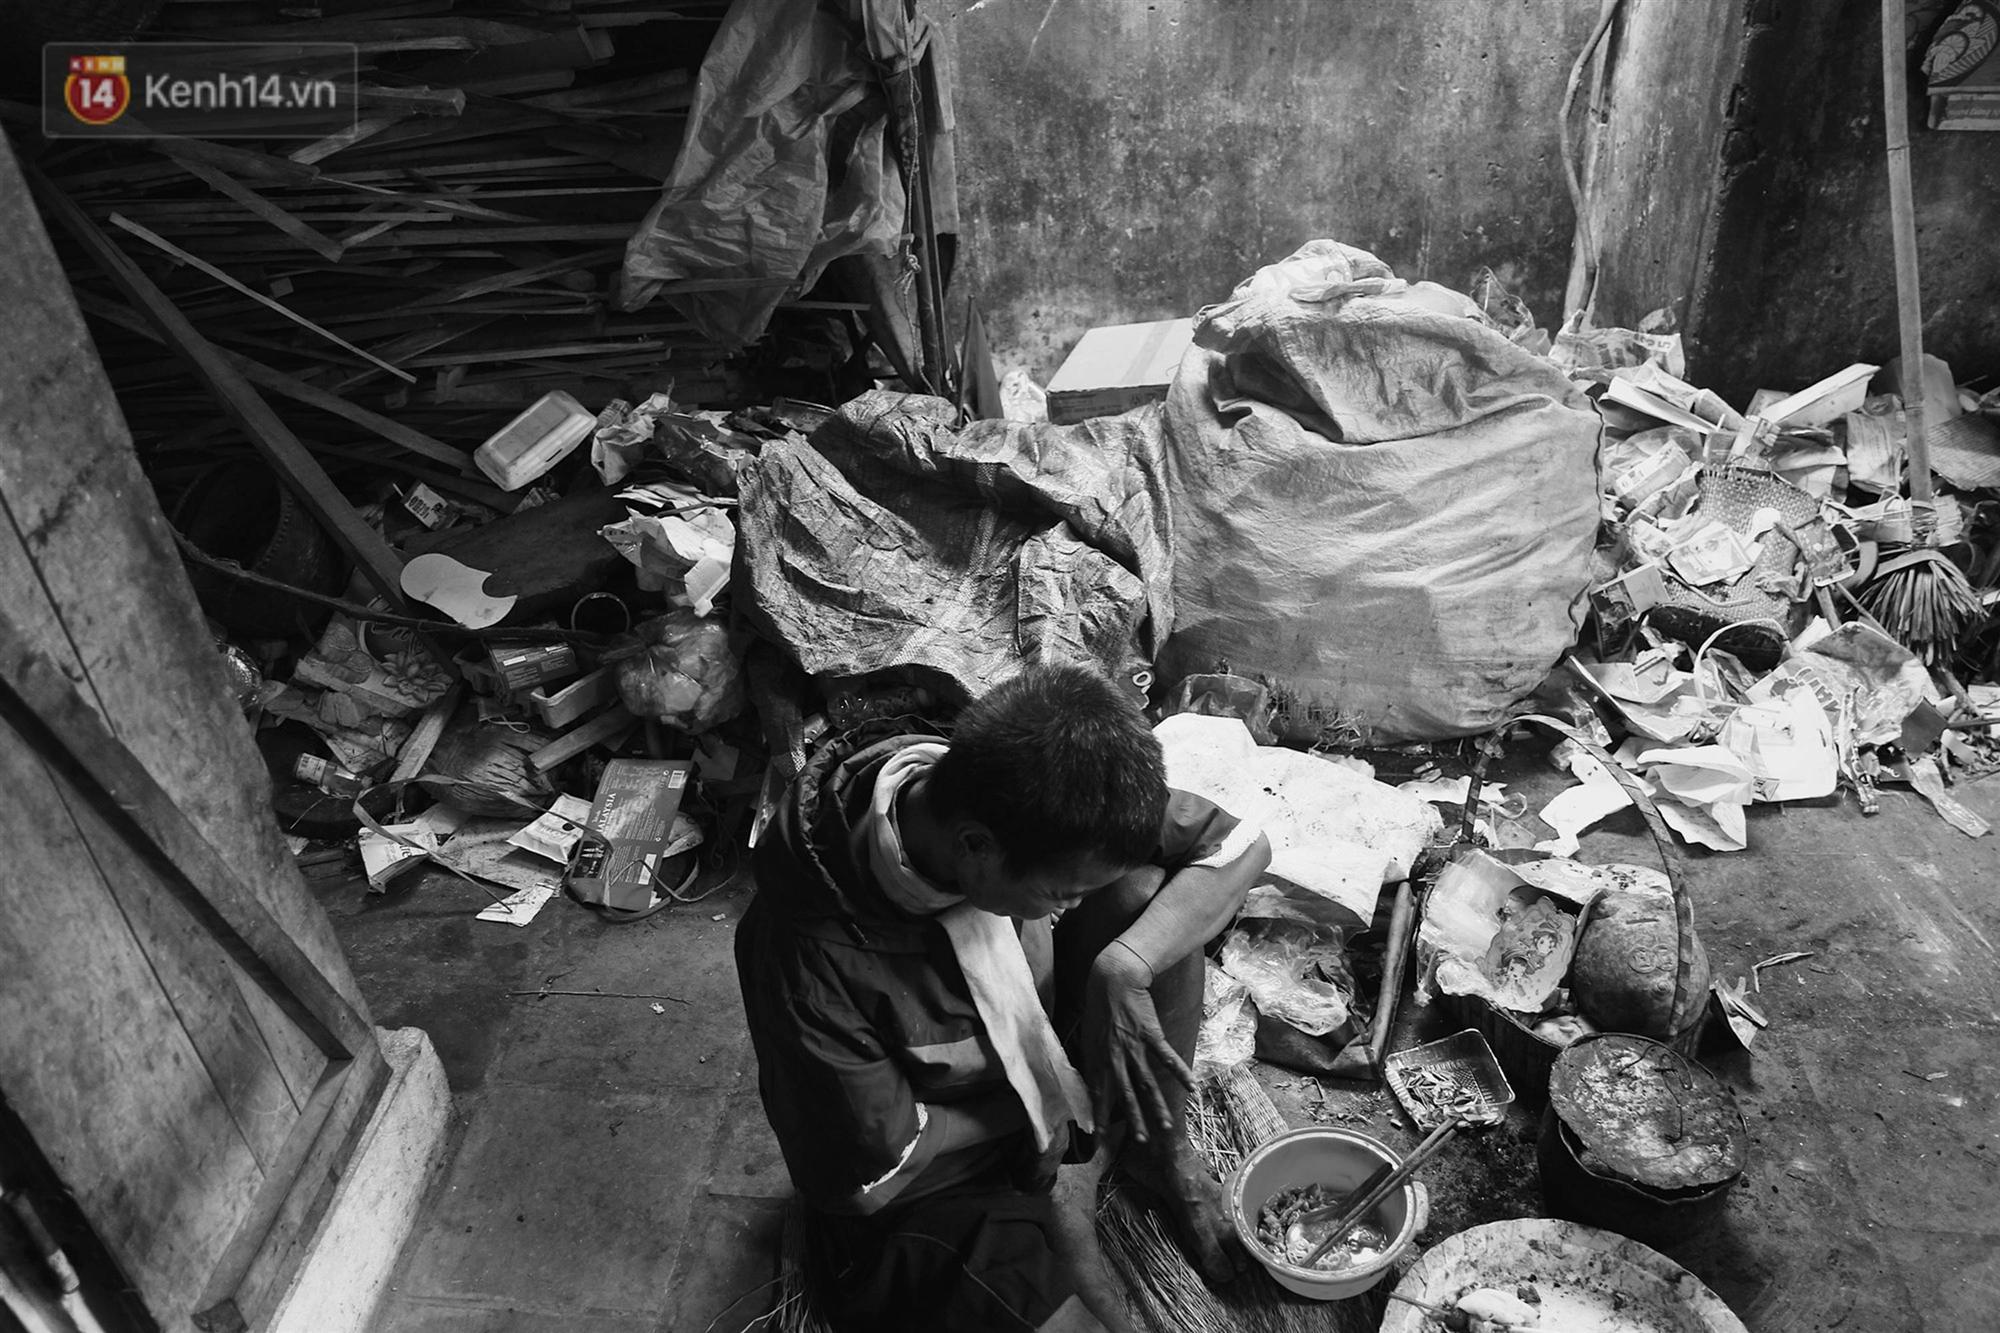 Ở Hà Nội, có một người mẹ mù gần 90 tuổi vẫn ngày đêm chăm đứa con gái điên: Còn sống được lúc nào, thì tôi còn nuôi nó-8